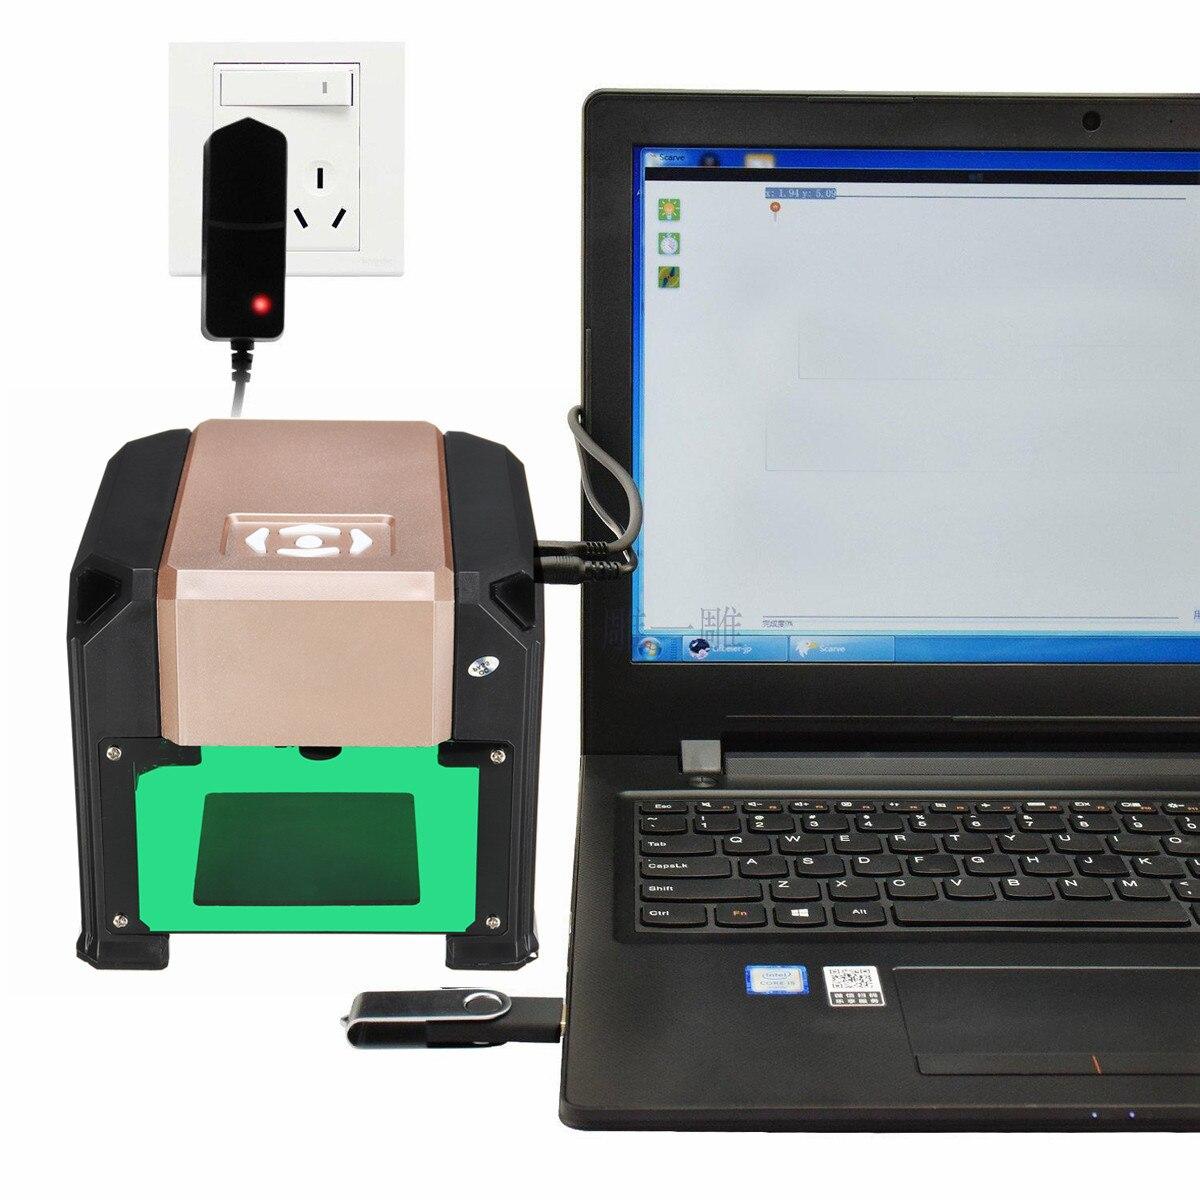 3000mW USB High Speed Laser Engraver Machine DIY Logos Mark Printer Cutter CNC Laser Carving Machine Engraving Tools